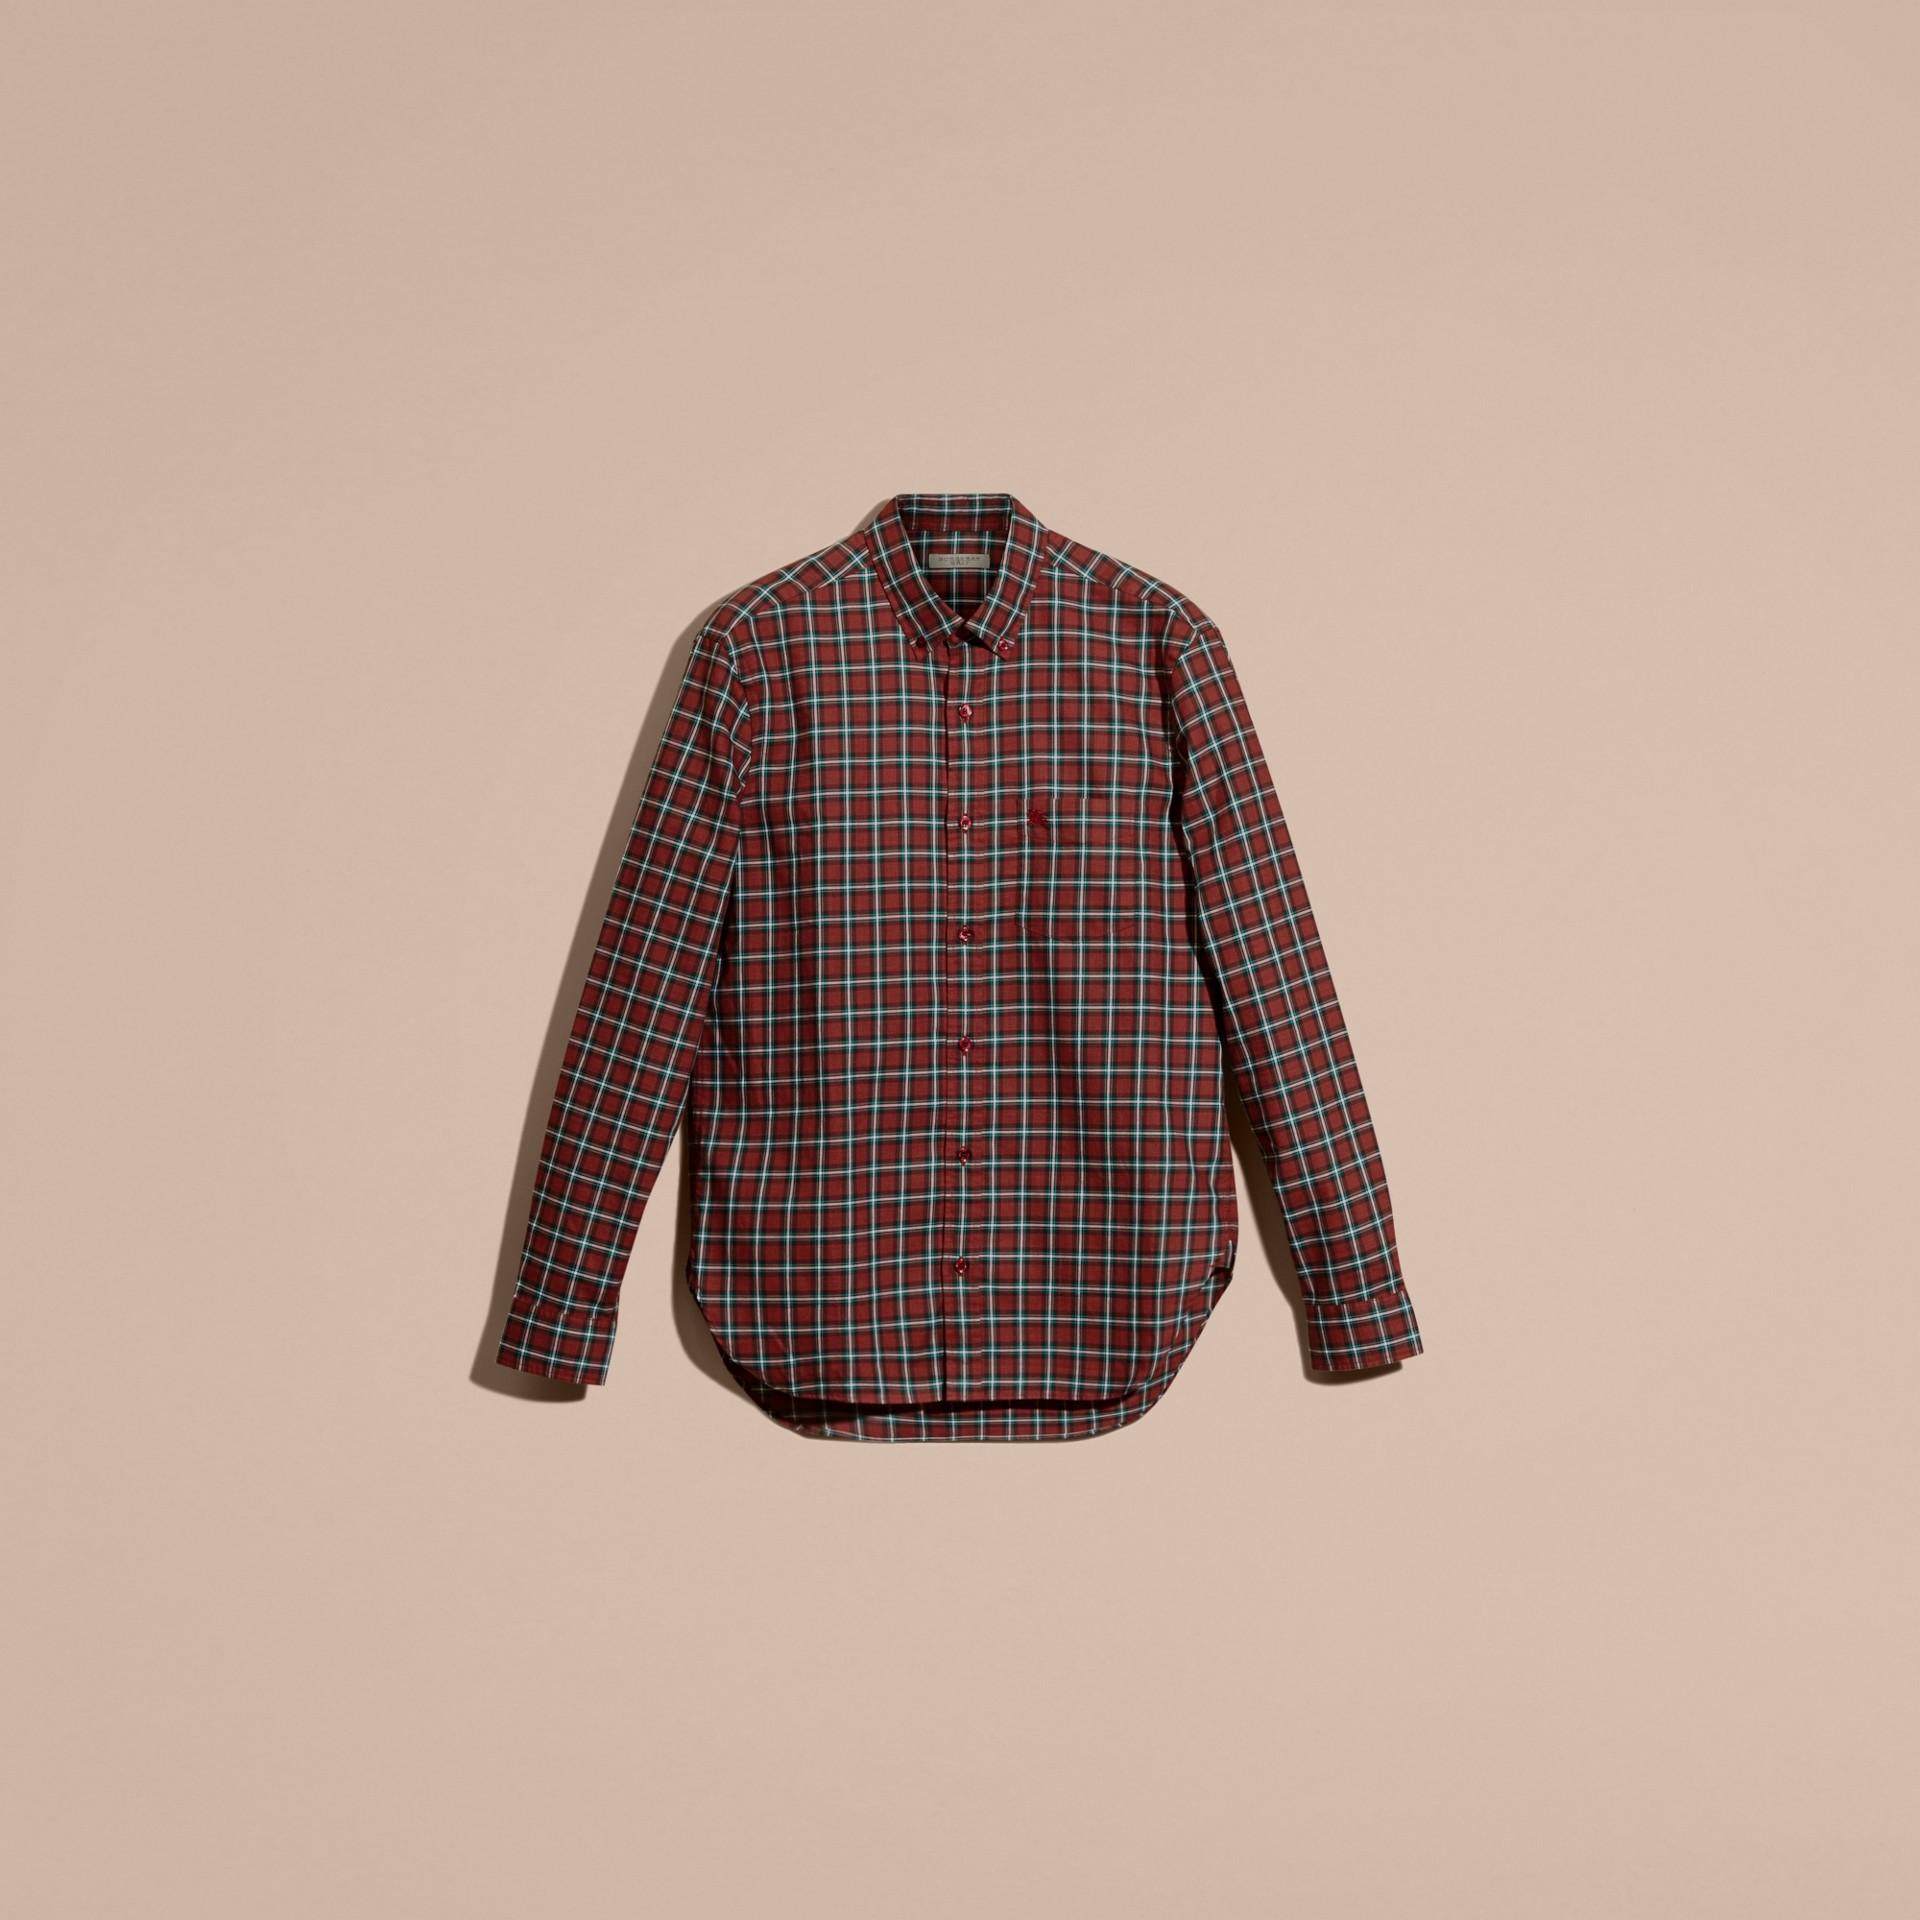 Vermelho Camisa de sarja de algodão com estampa xadrez tartã Vermelho - galeria de imagens 4